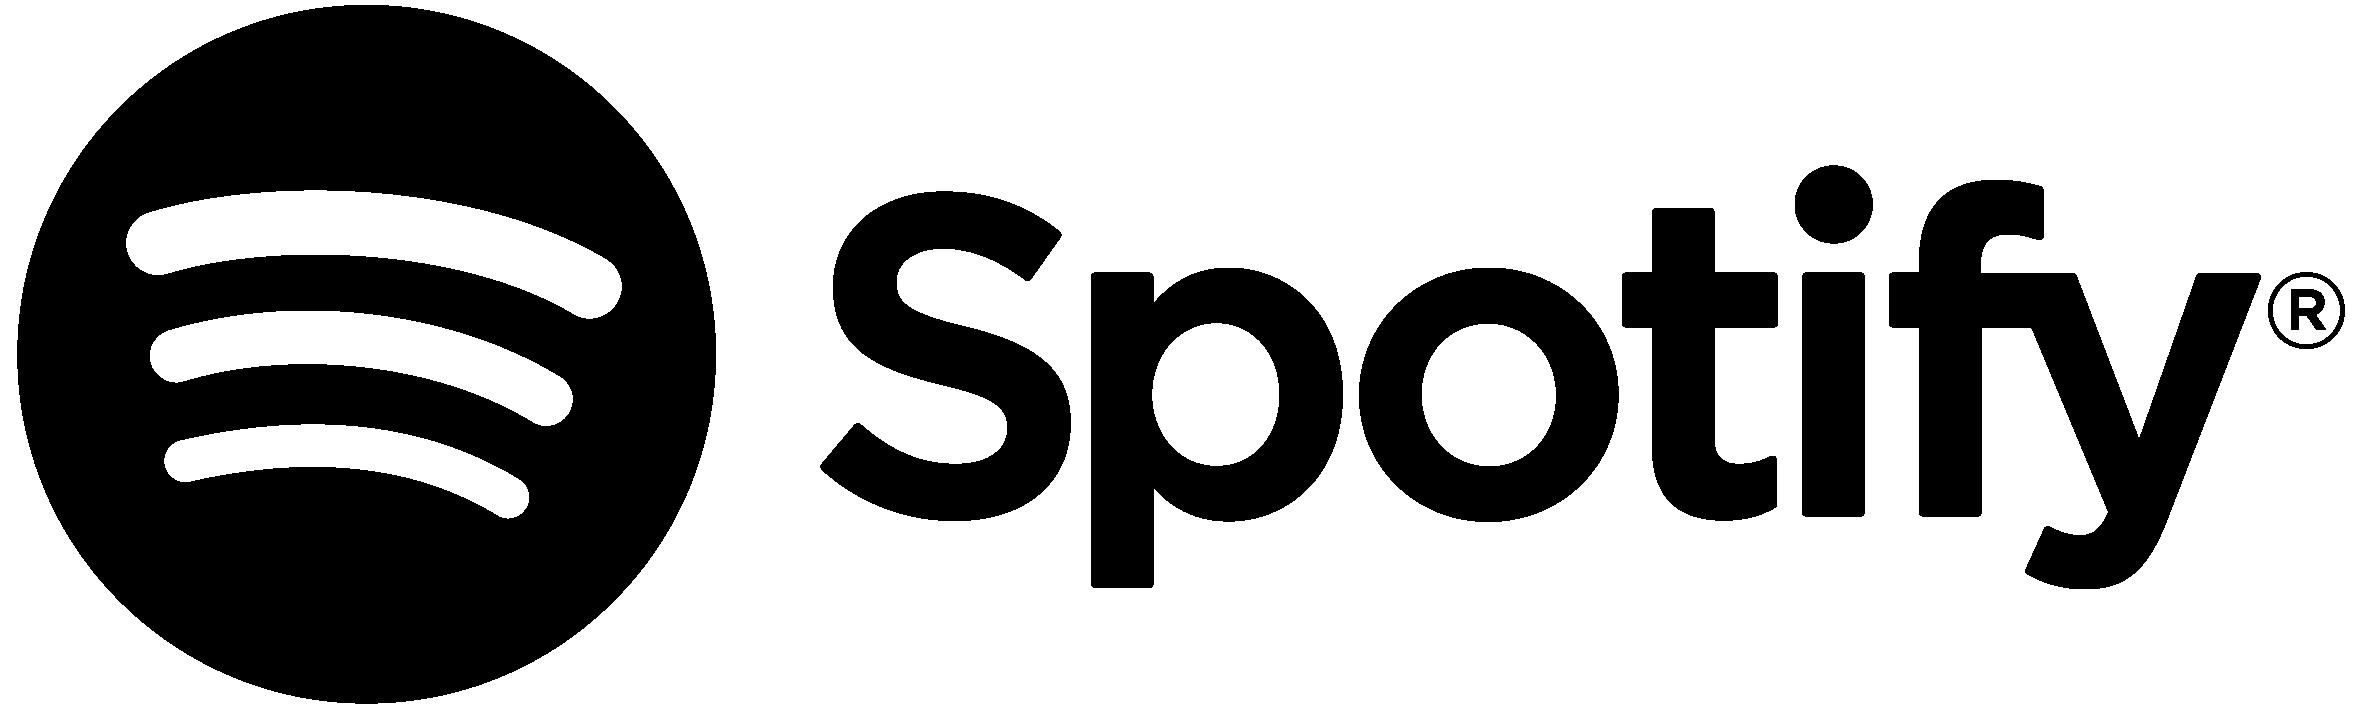 spotify_logo_black1.png